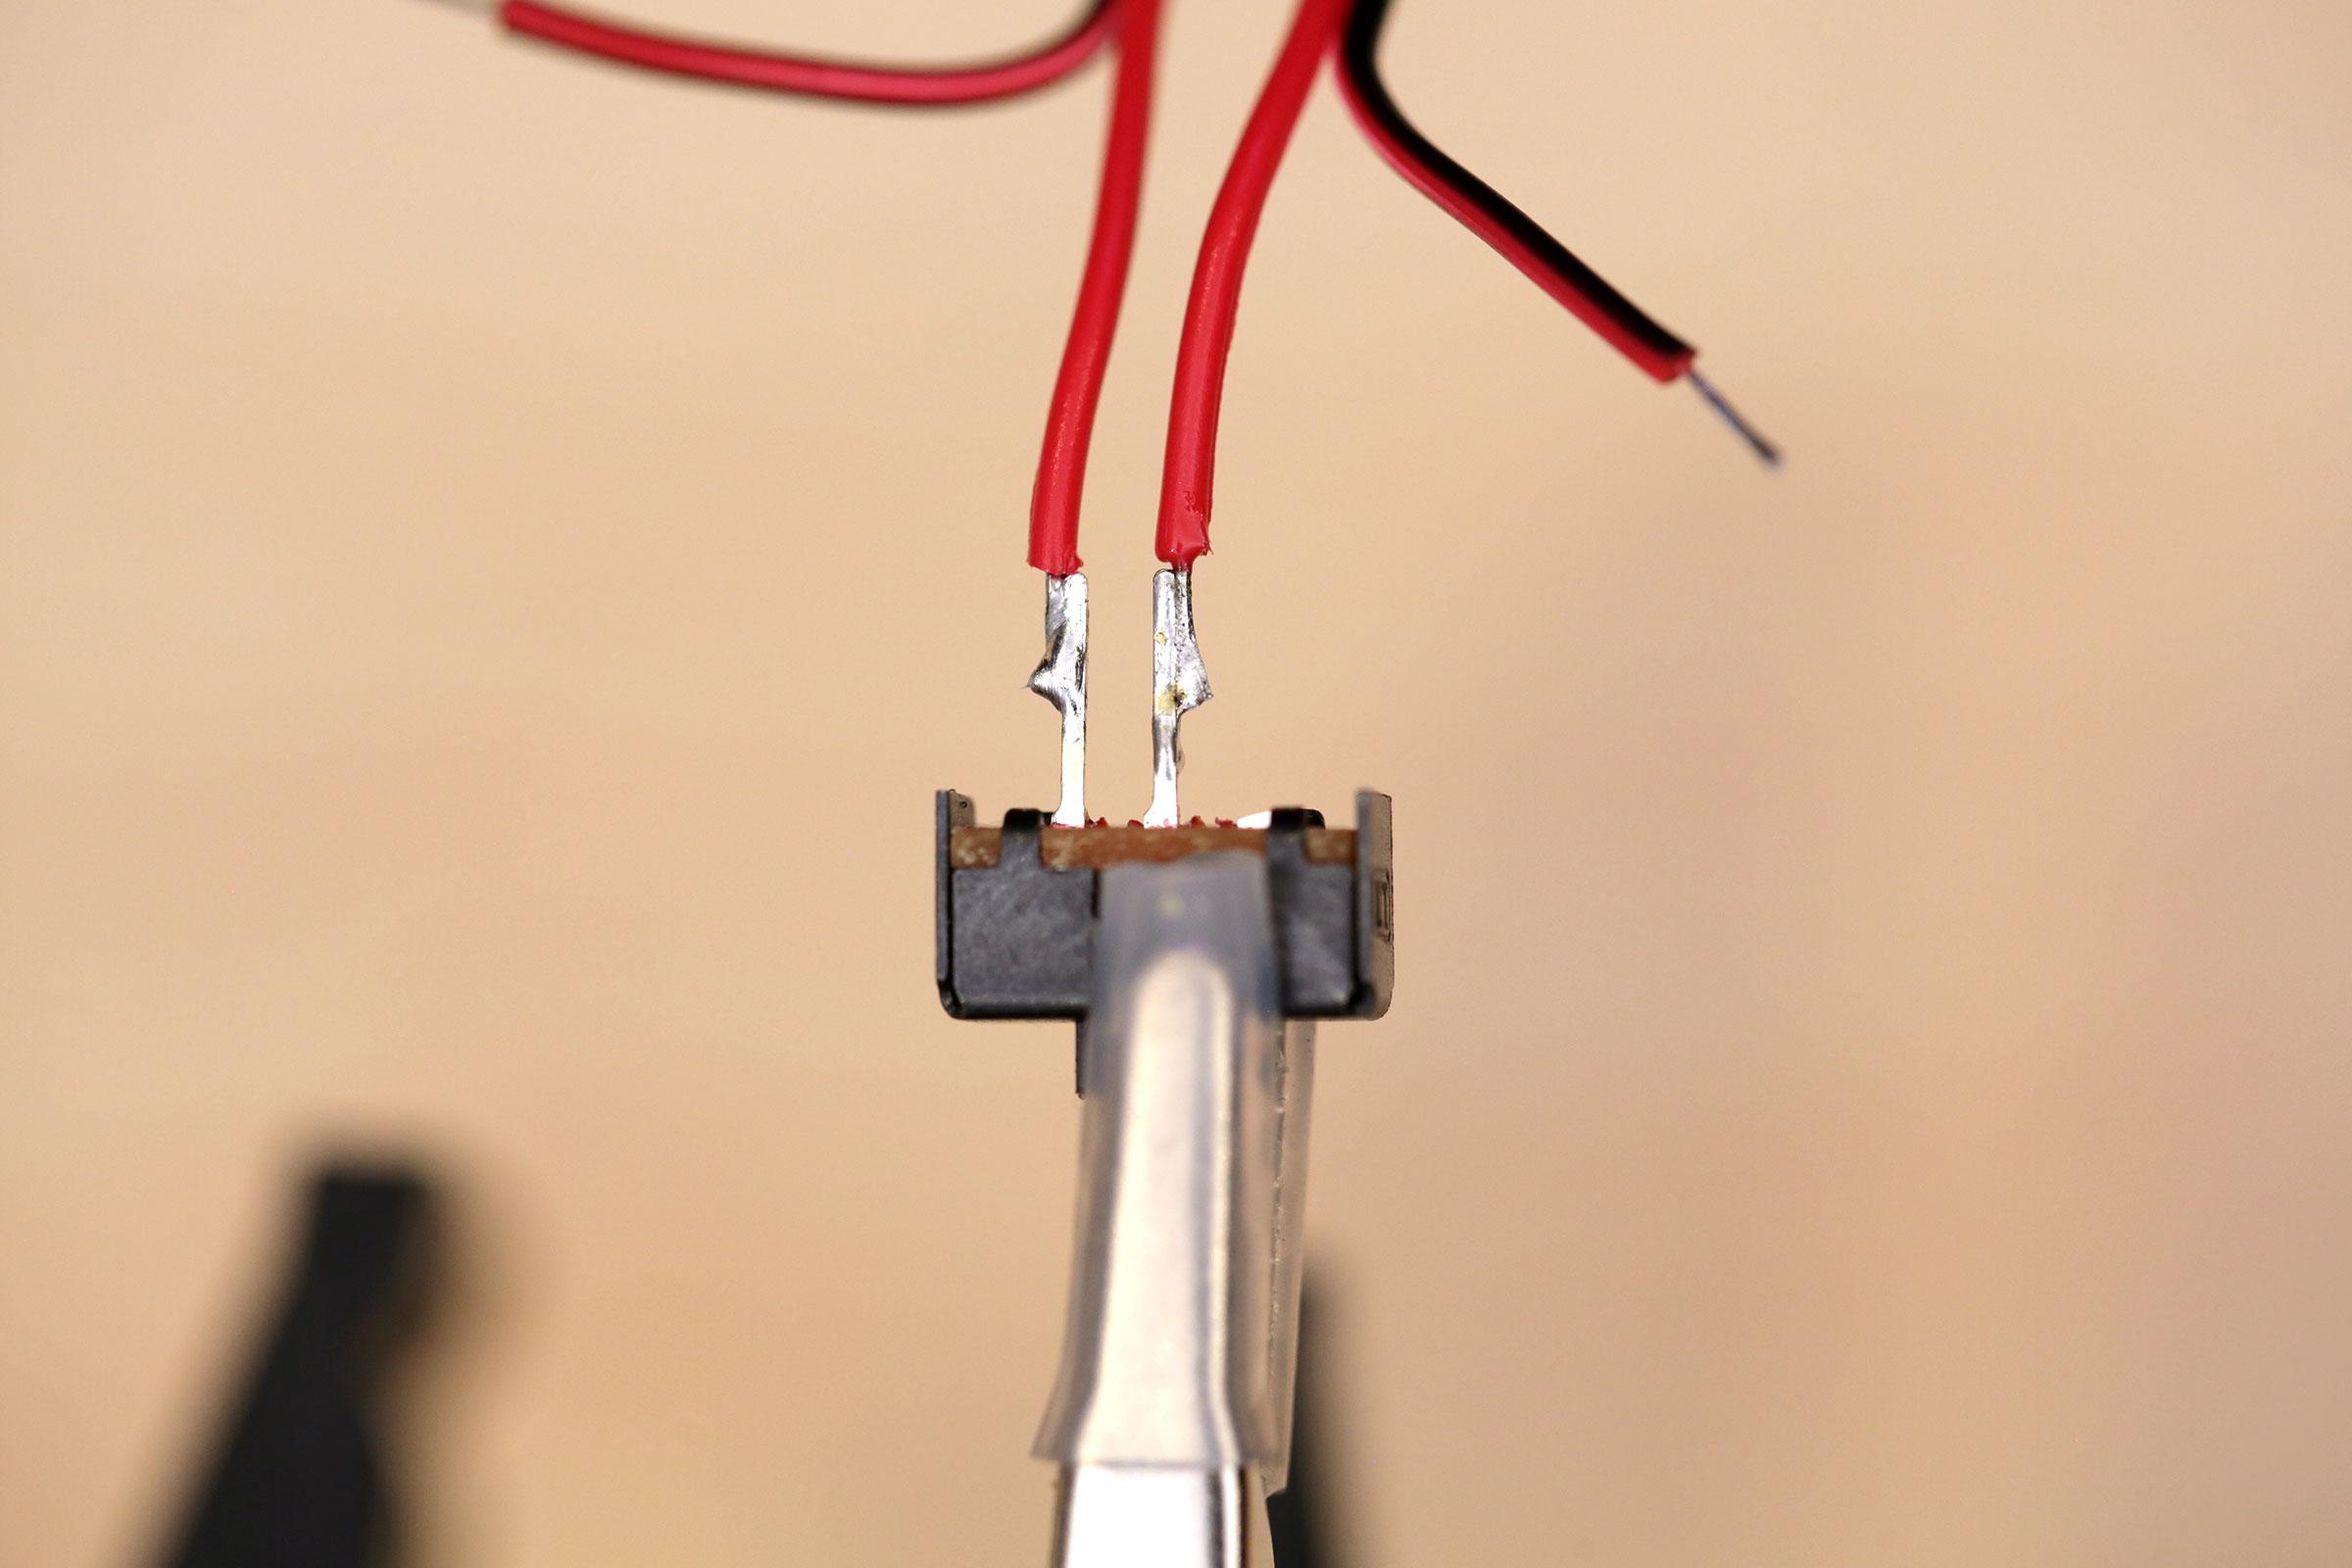 circuit_playground_switch-wire-solder.jpg